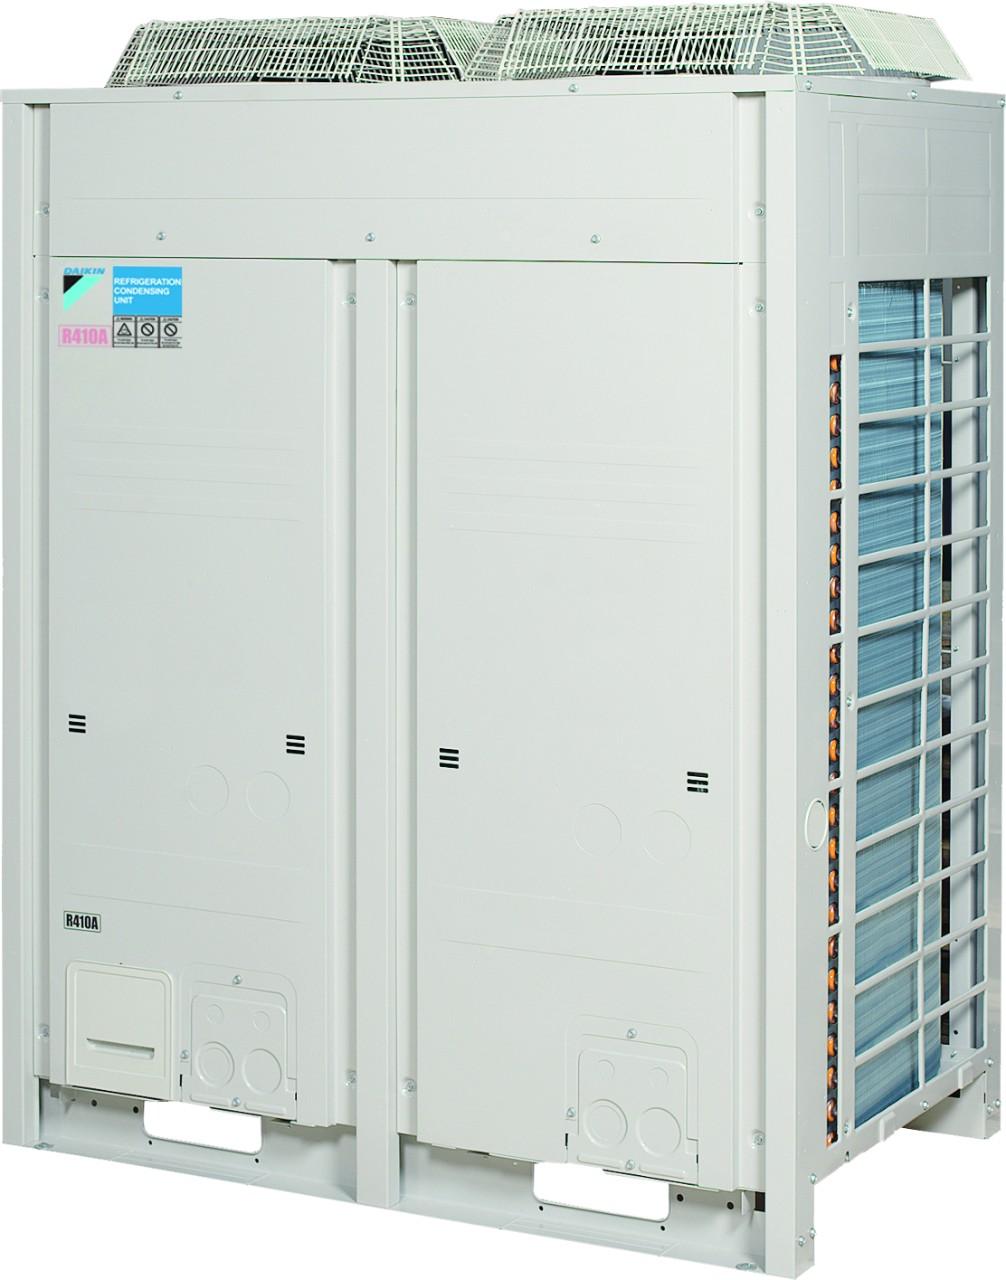 """<ul> <li>Egyetlen modell minden alkalmazásra -45℃-tól 10°C párologtatási hőmérsékletig</li> <li>VRV (változtatható hűtőközeg-mennyiség) technológia a rugalmas felhasználási tartományhoz</li> <li>Alacsony hangszint """"éjszakai mód"""" üzemmel</li> <li>Egy dedikált egység lehetővé teszi a 2 x 15 HP vagy 2 x 20 HP multi kombinációt, amihez kevesebb vezeték és rövidebb telepítési idő szükséges</li> <li>Tökéletes megoldás eltérő terhelési körülmények közötti, nagy energiahatékonysággal való hűtési és fagyasztási üzemelésre, úgy mint szupermarketek, hűtve tárolás, hűtőtartályok és mélyhűtők, stb.</li> <li>DC inverter scroll kompresszor takarékossági funkcióval, mely nagy energiahatékonyságot és megbízható teljesítményt nyújt</li> <li>Csökkentett CO2 kibocsátás az R-410A hűtőközegnek és az alacsony energiafogyasztásnak köszönhetően</li> <li>Az egyszerű telepítés és üzembehelyezés érdekében gyárilag tesztelt és előre programozott</li> <li>A lecsökkentett méreteknek köszönhetően rugalmasabban telepíthető</li> <li>Kis fagyasztási kapacitás esetén az egyedi ZEAS egységek kiegészítő egységhez csatlakoztathatók</li> </ul>"""